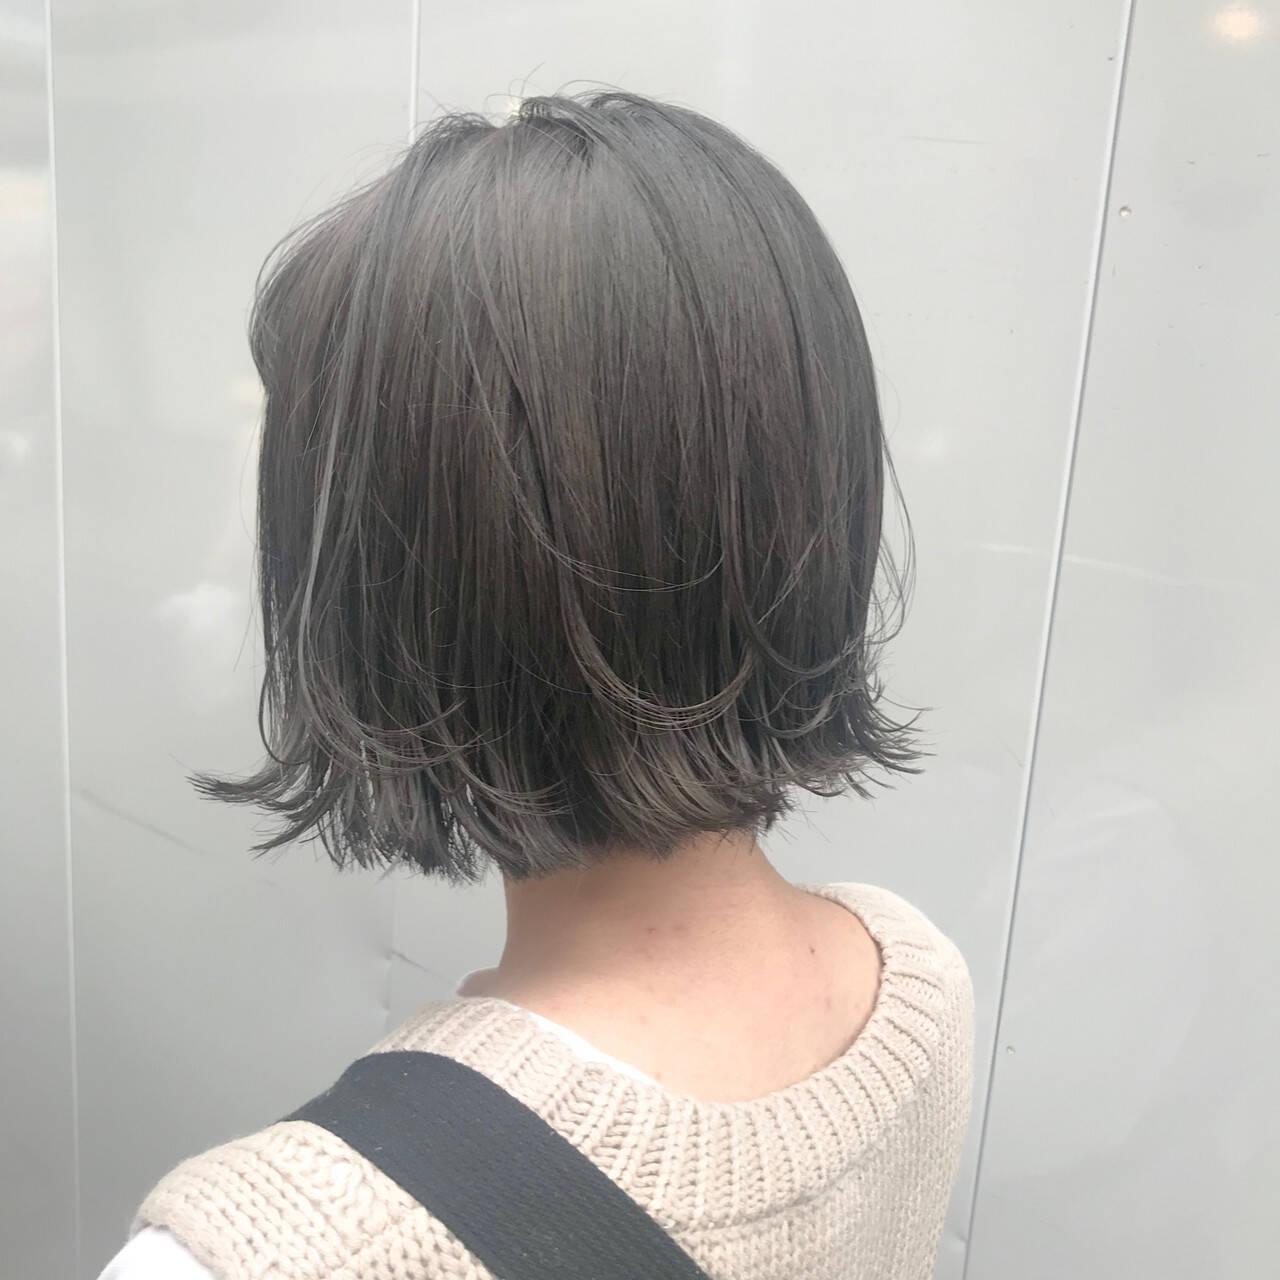 ミニボブ ショートヘア ガーリー ショートボブヘアスタイルや髪型の写真・画像